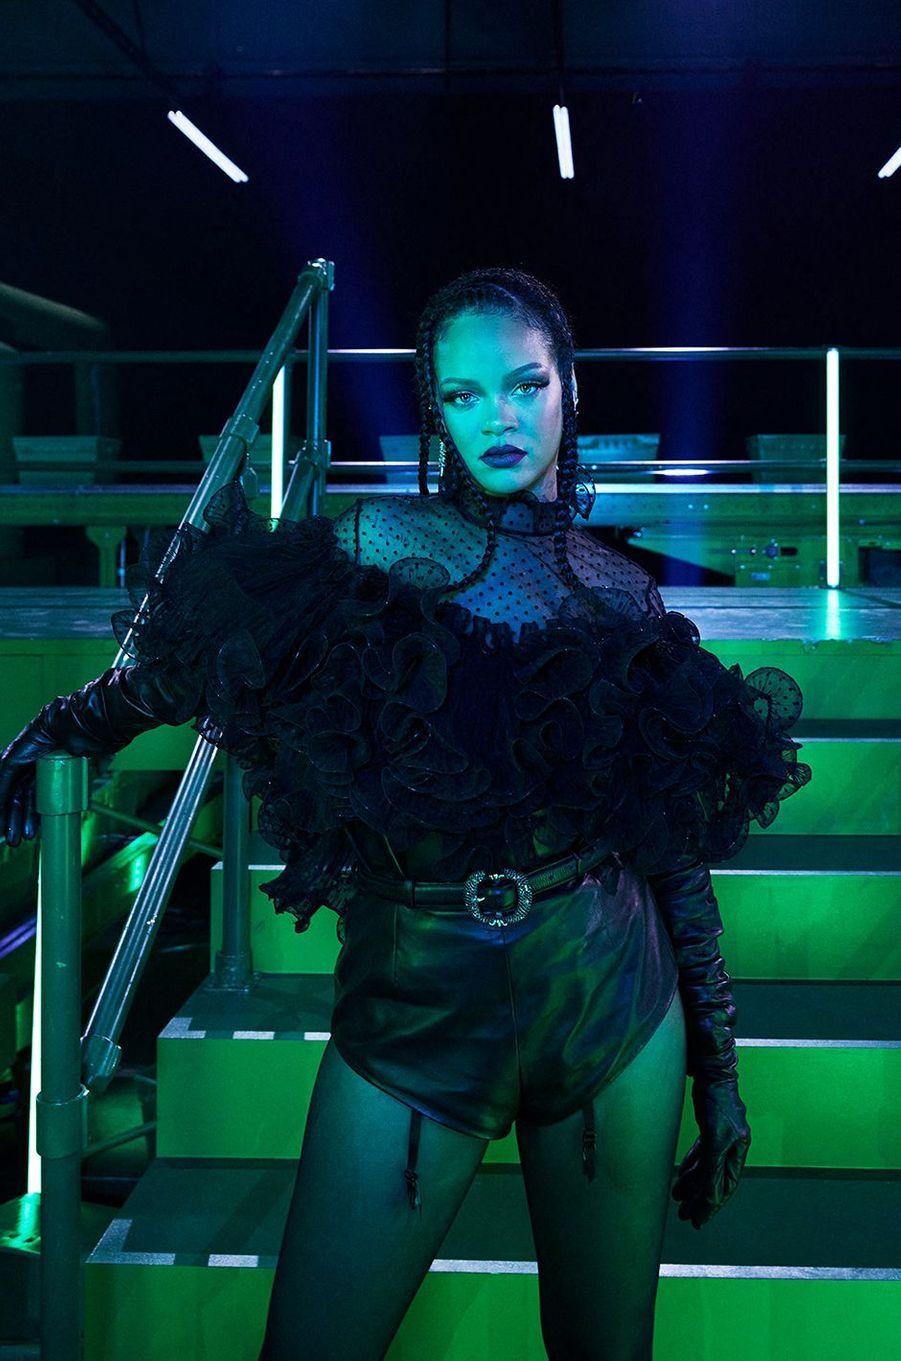 Rihanna au défilé de sa marque Savage X Fenty, diffusé le 2 octobre 2020